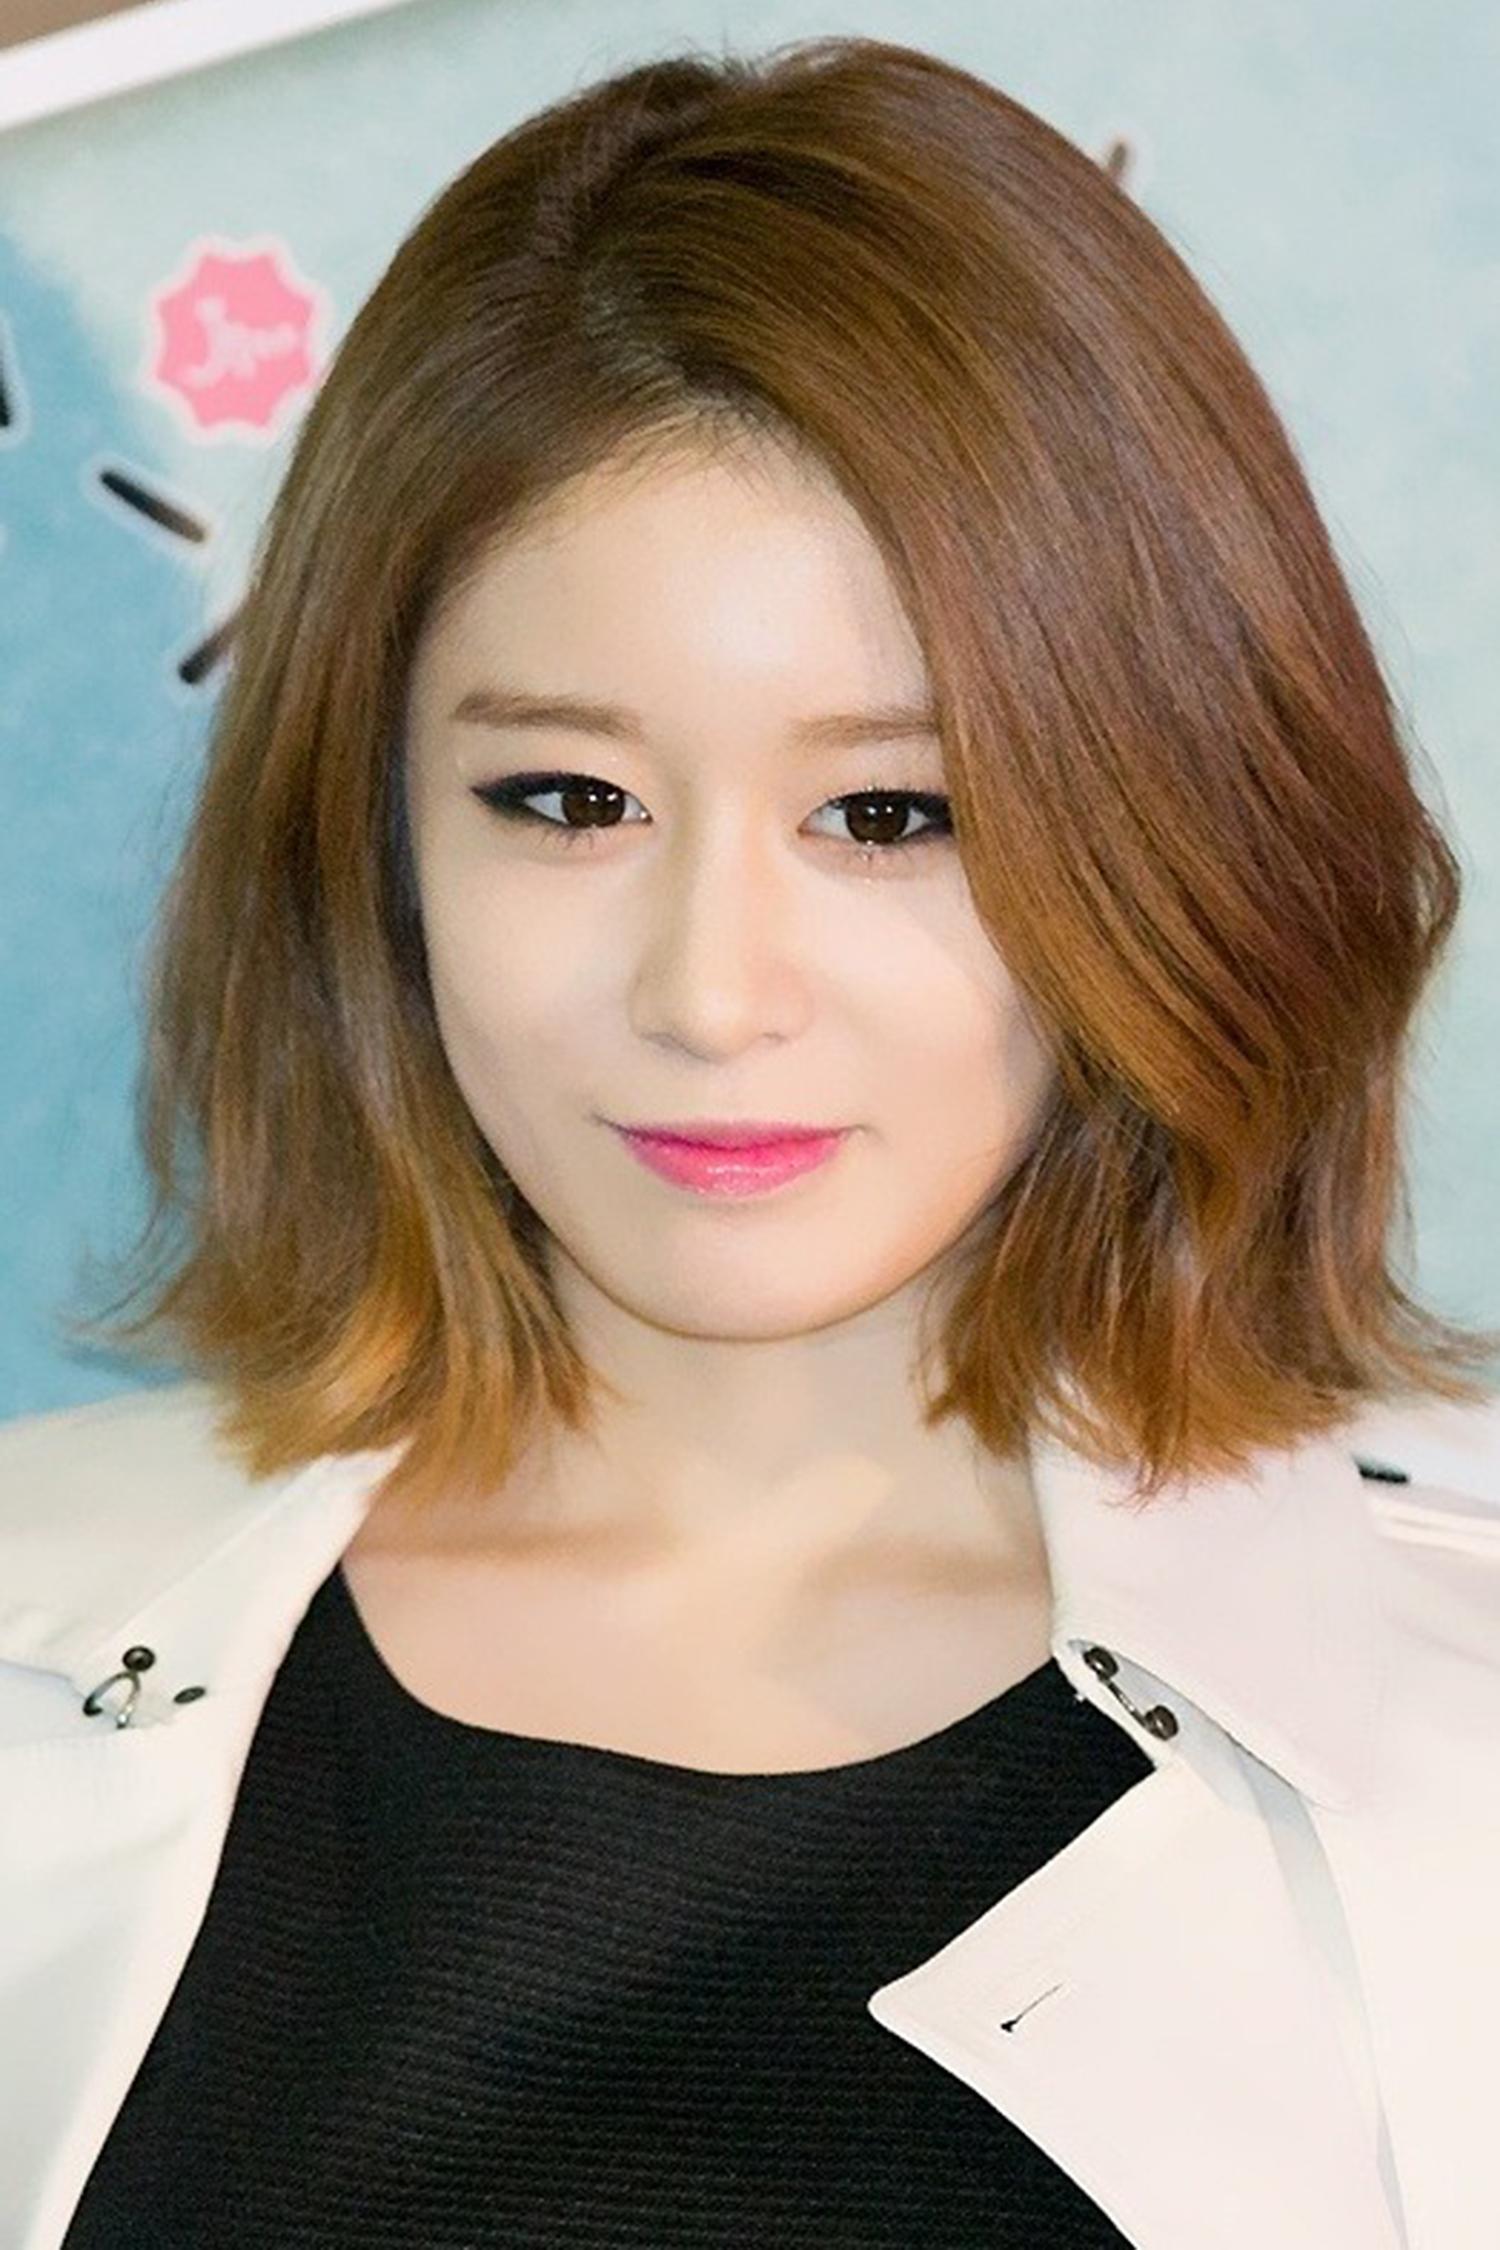 jiyeon dating 2014